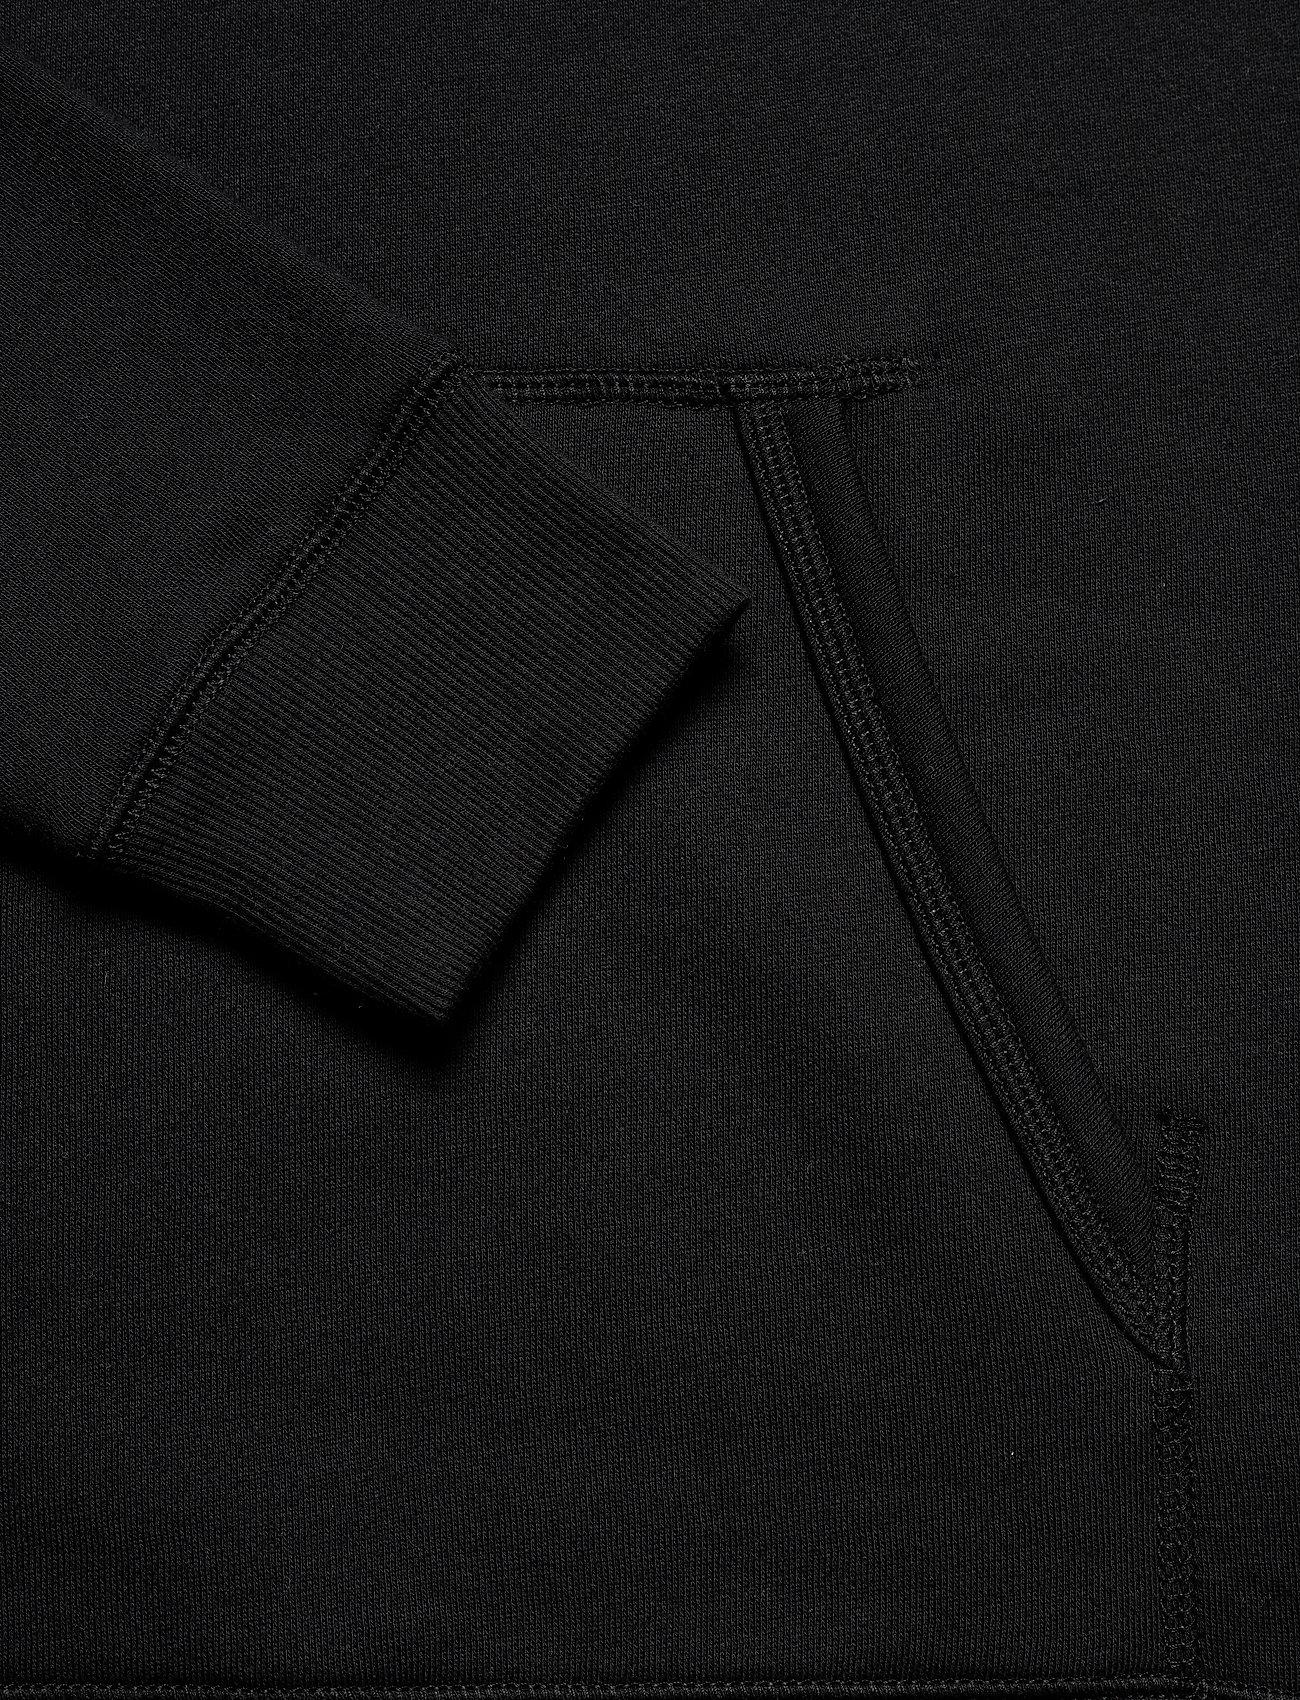 VANS VERSA STANDARD HOODIE - Sweatshirts BLACK - Menn Klær